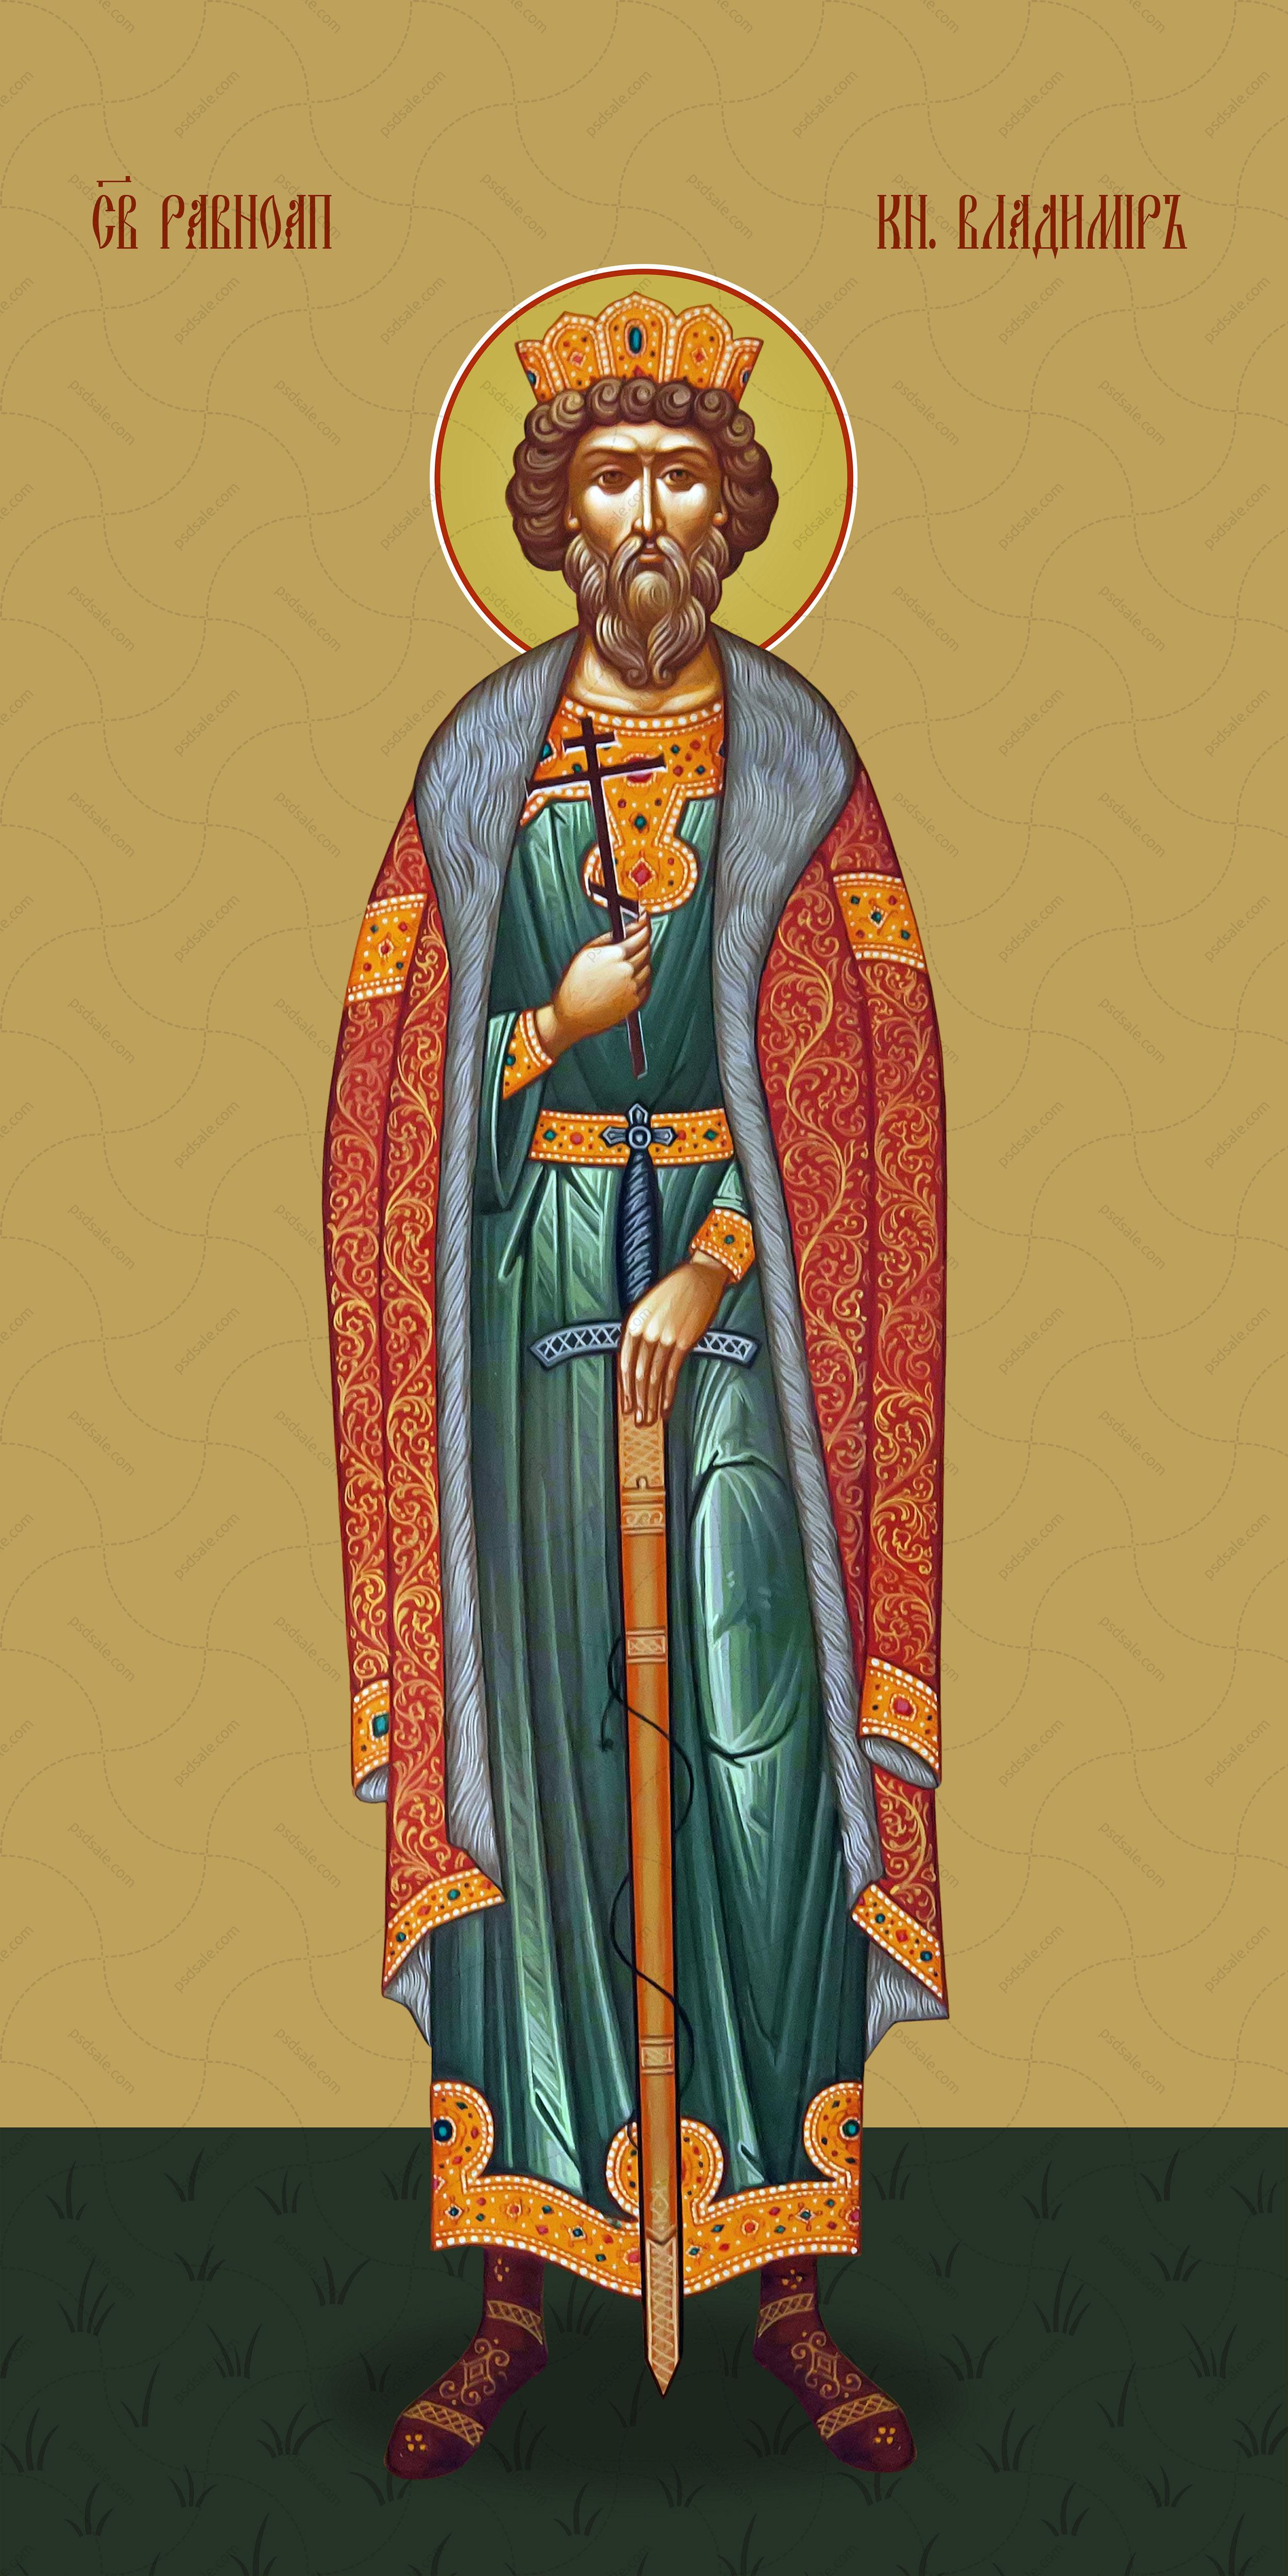 Мерная икона, Владимир, святой князь